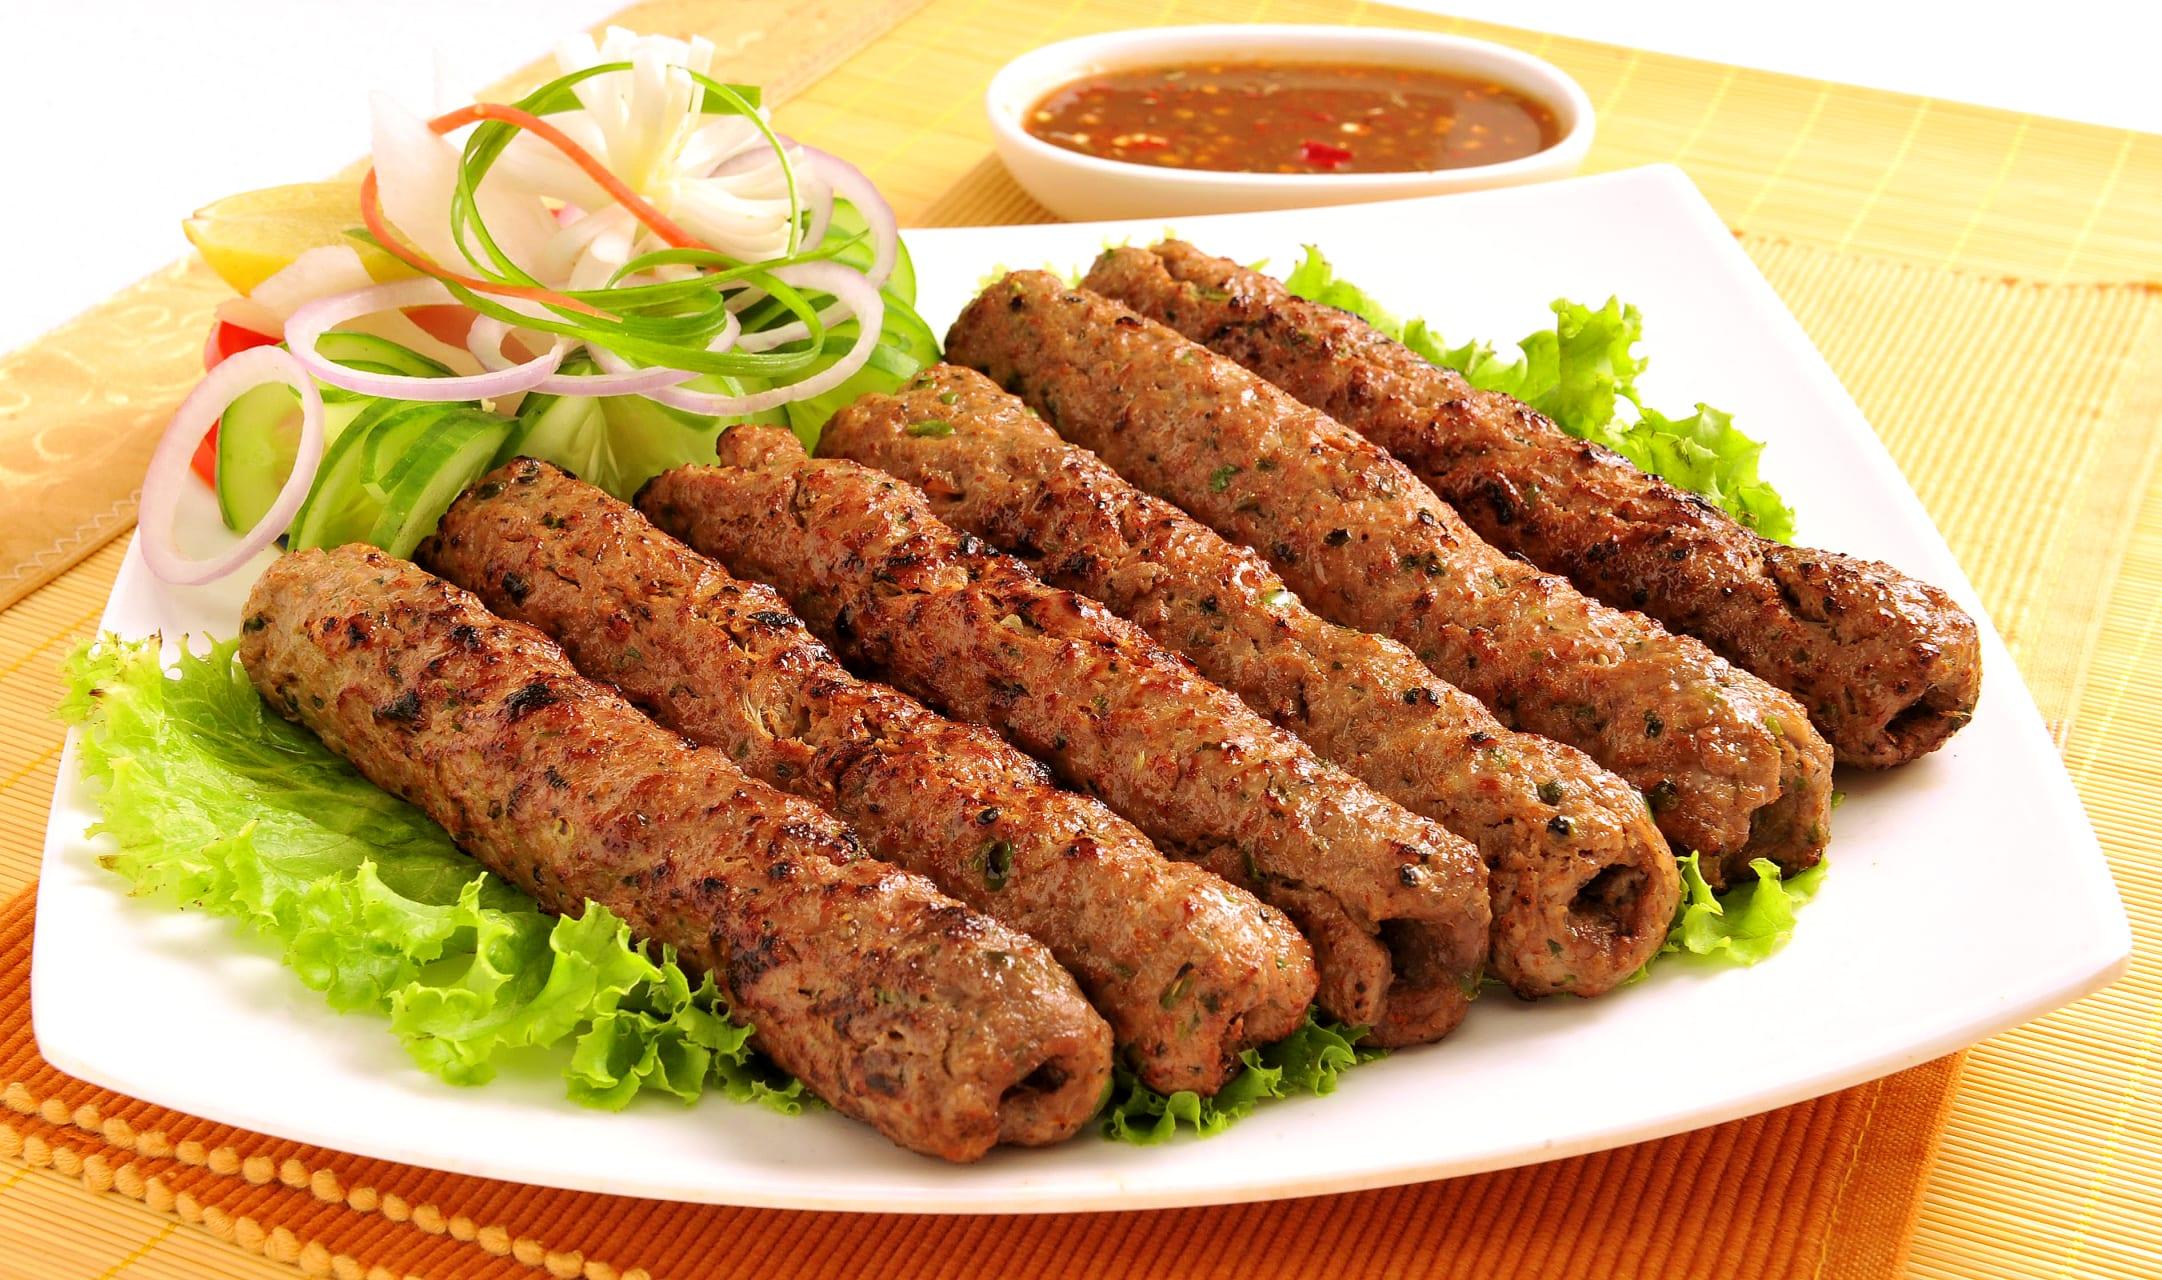 Kampala - My Kebabs + Chaps!: Kampala Cafes' Fast Meat Snacks